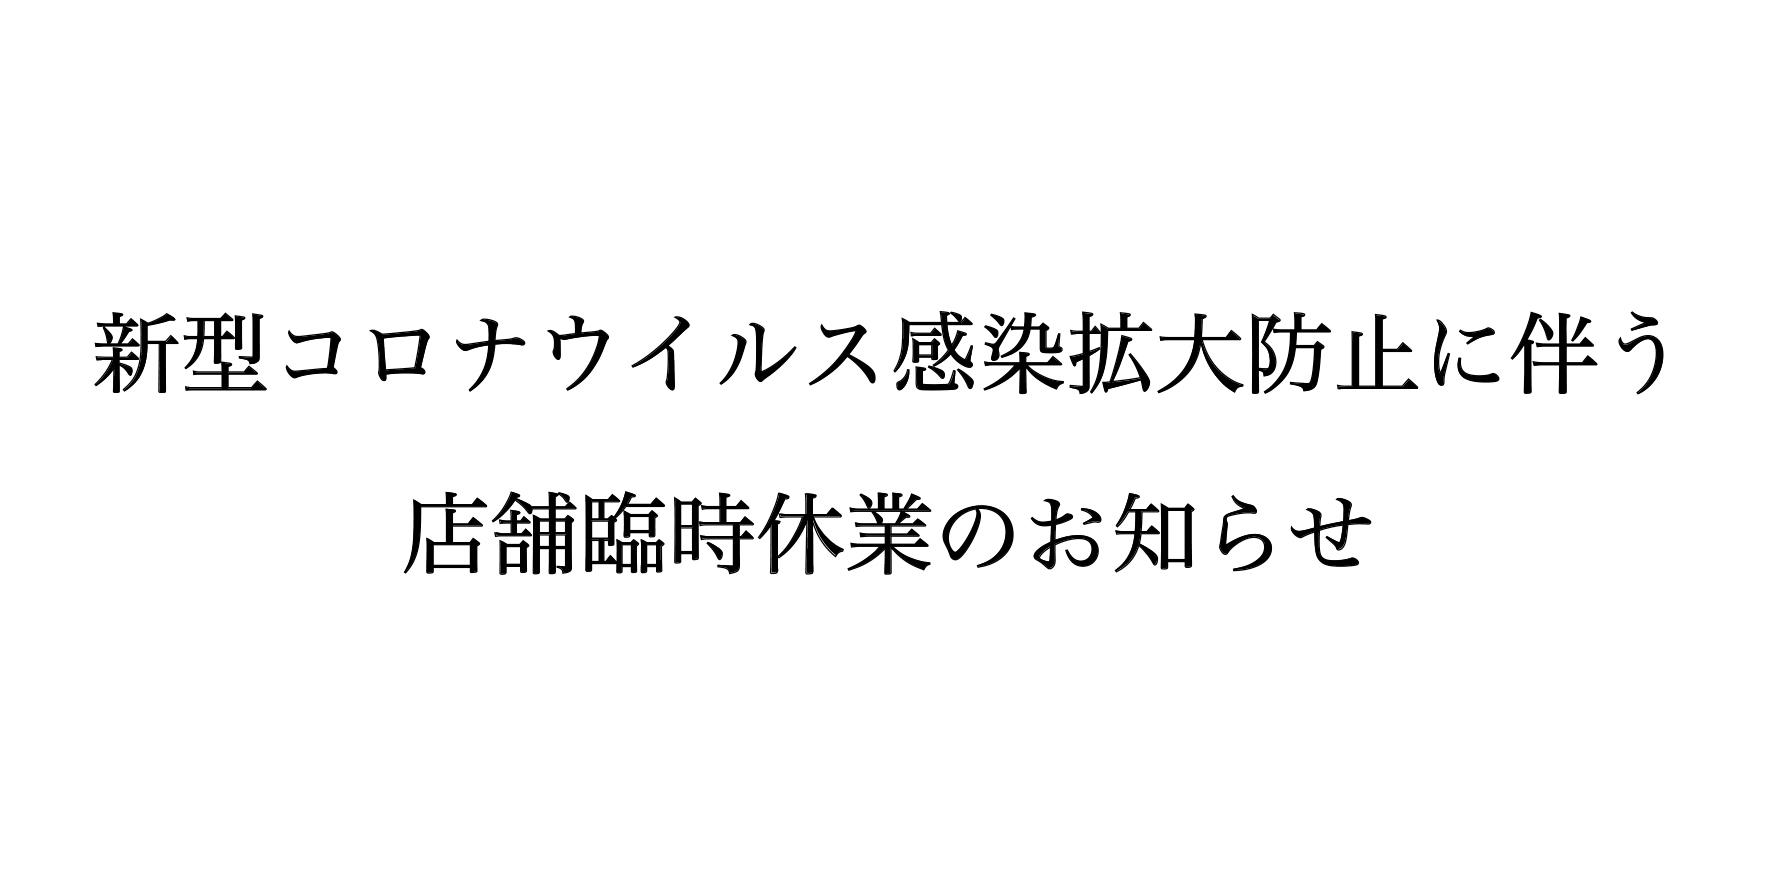 コロナ ウイルス 鎌倉